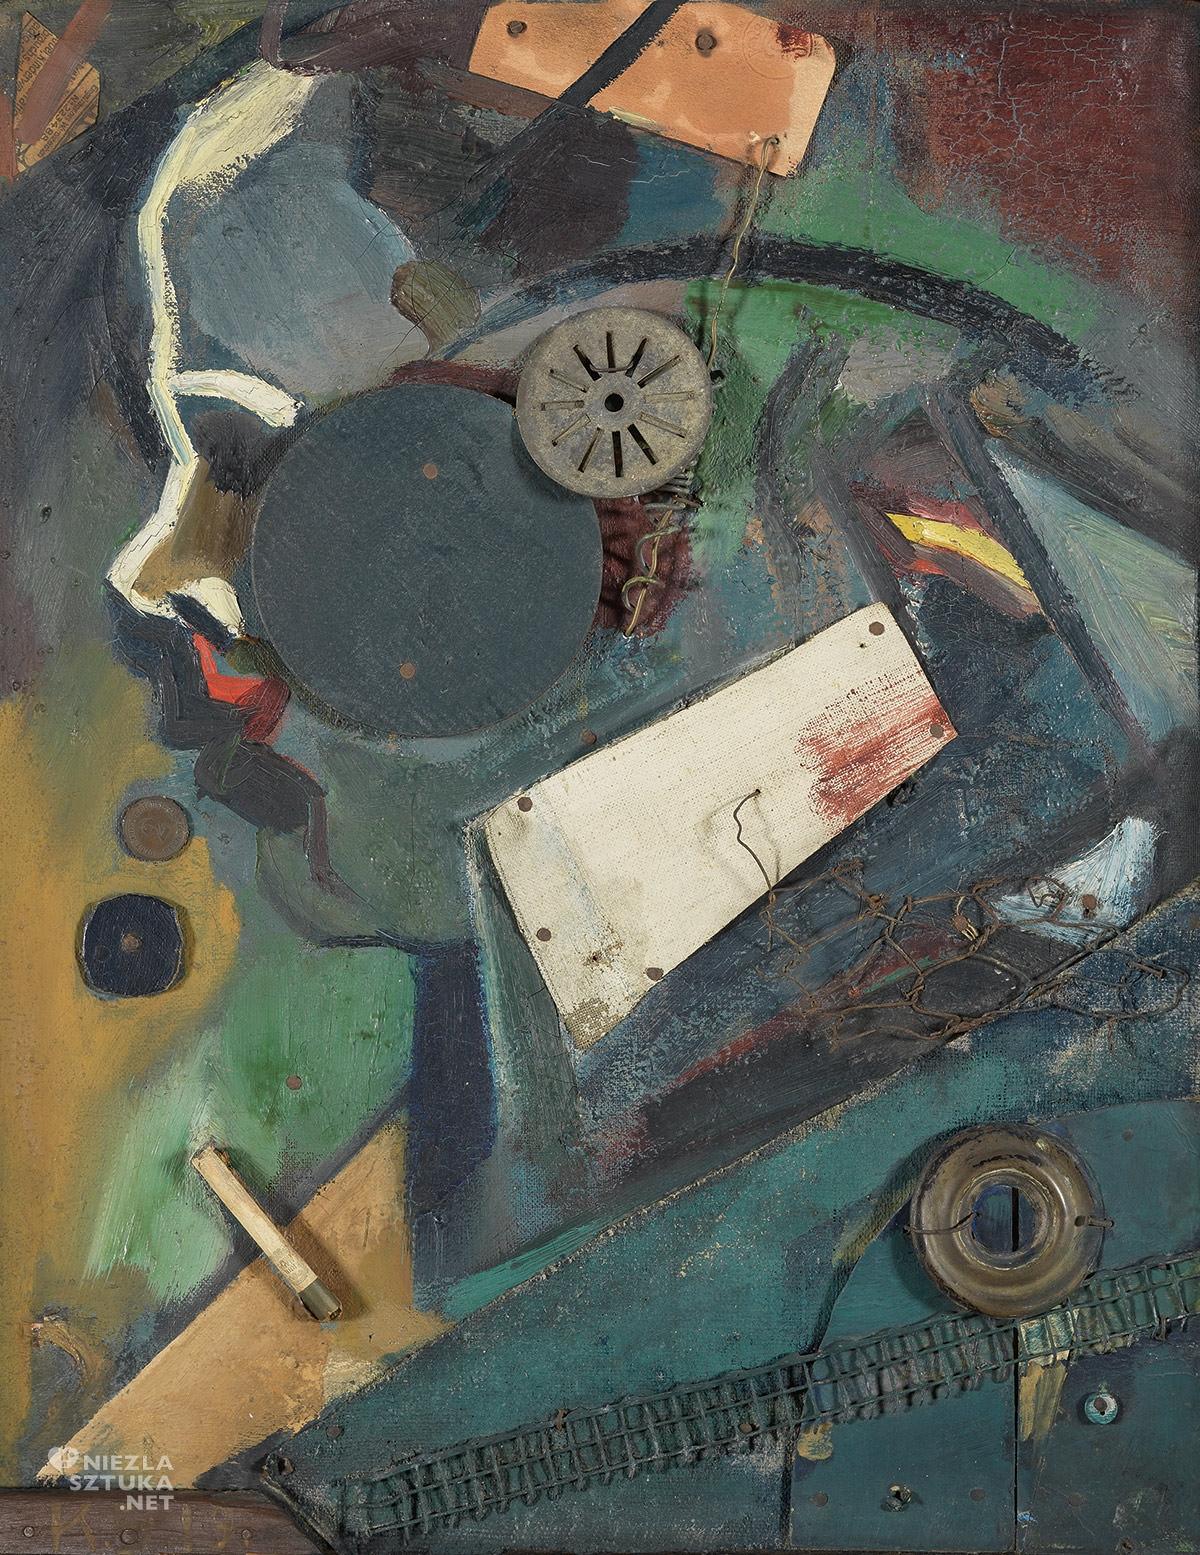 Kurt Schwitters, Merzbild, Psychiatra, Asamblaż, dada, dadaista, Niezła sztuka